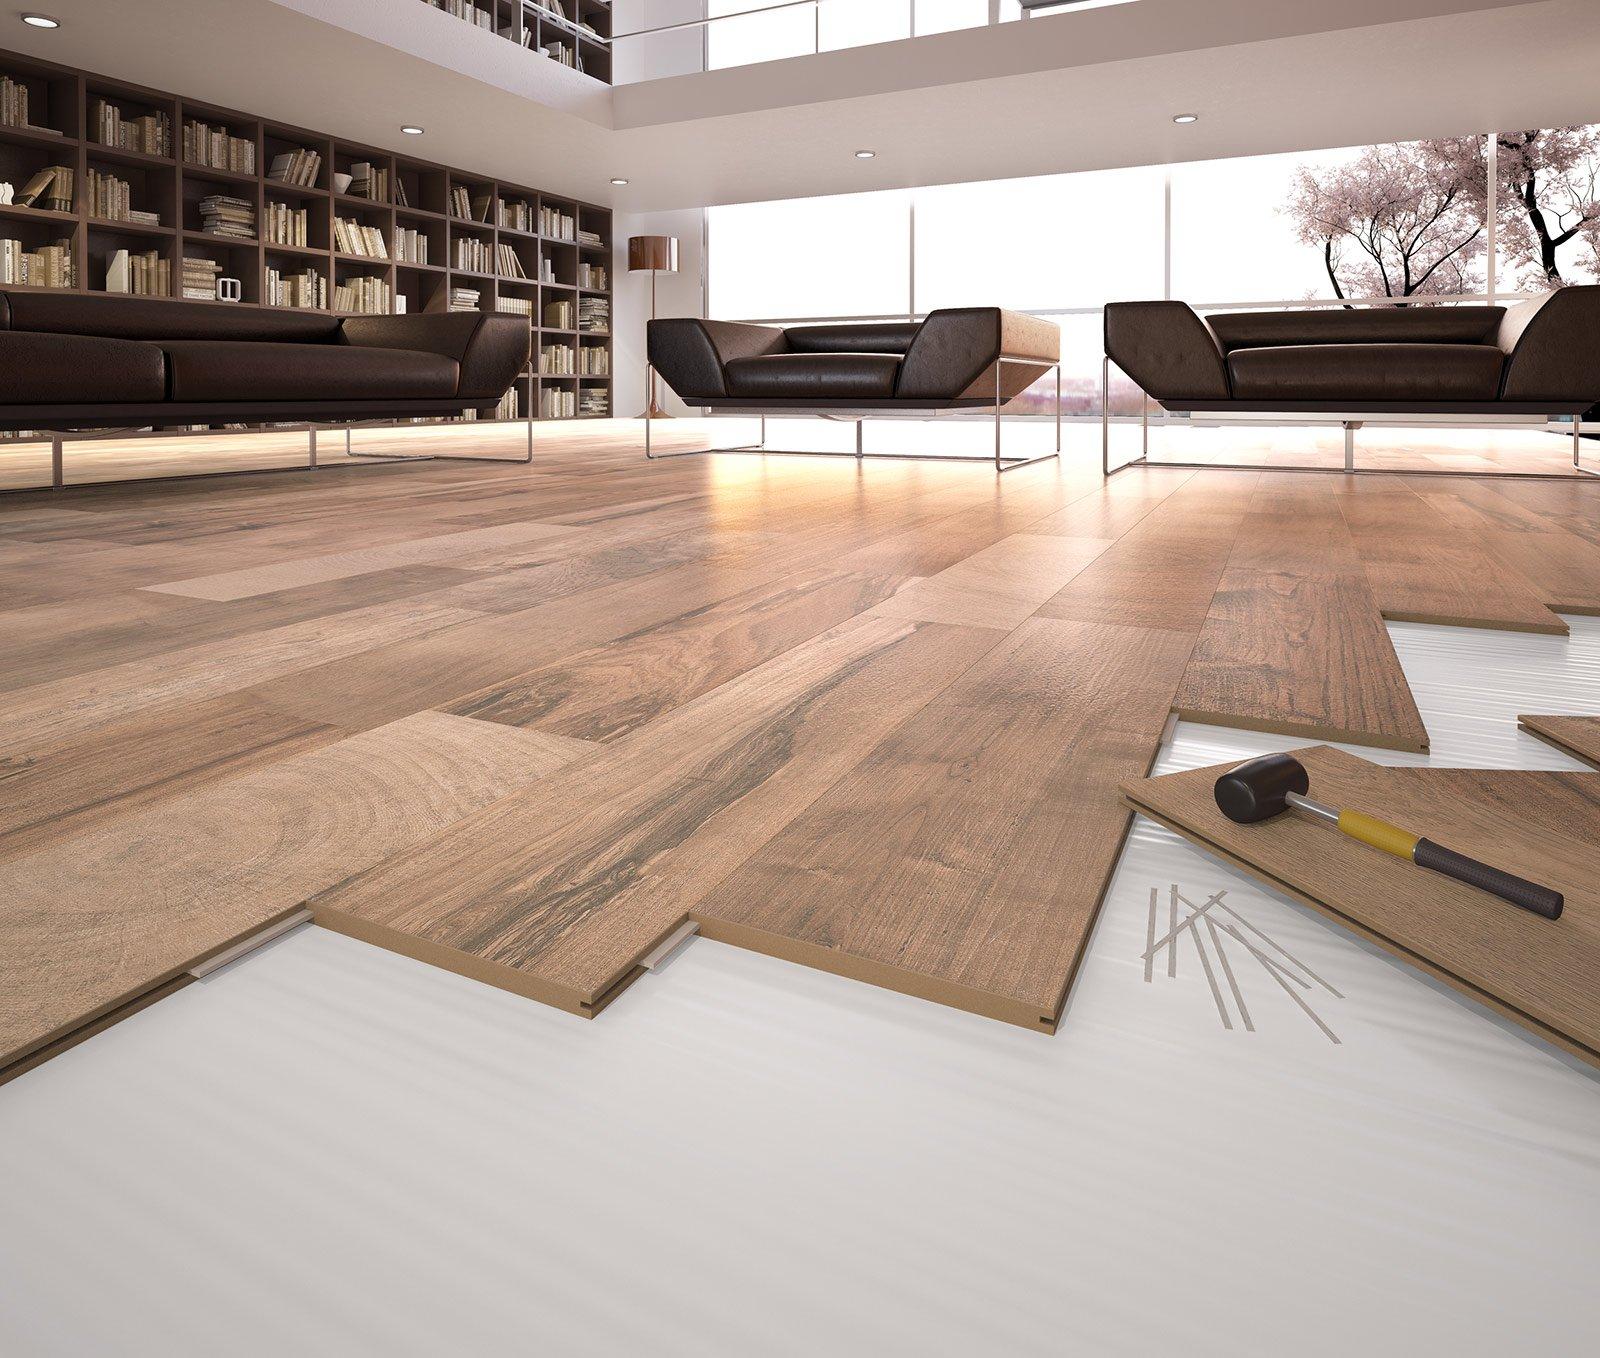 il pavimento in gres porcellanato saloon fast di del conca realizzato con tecnologia digitale offre la